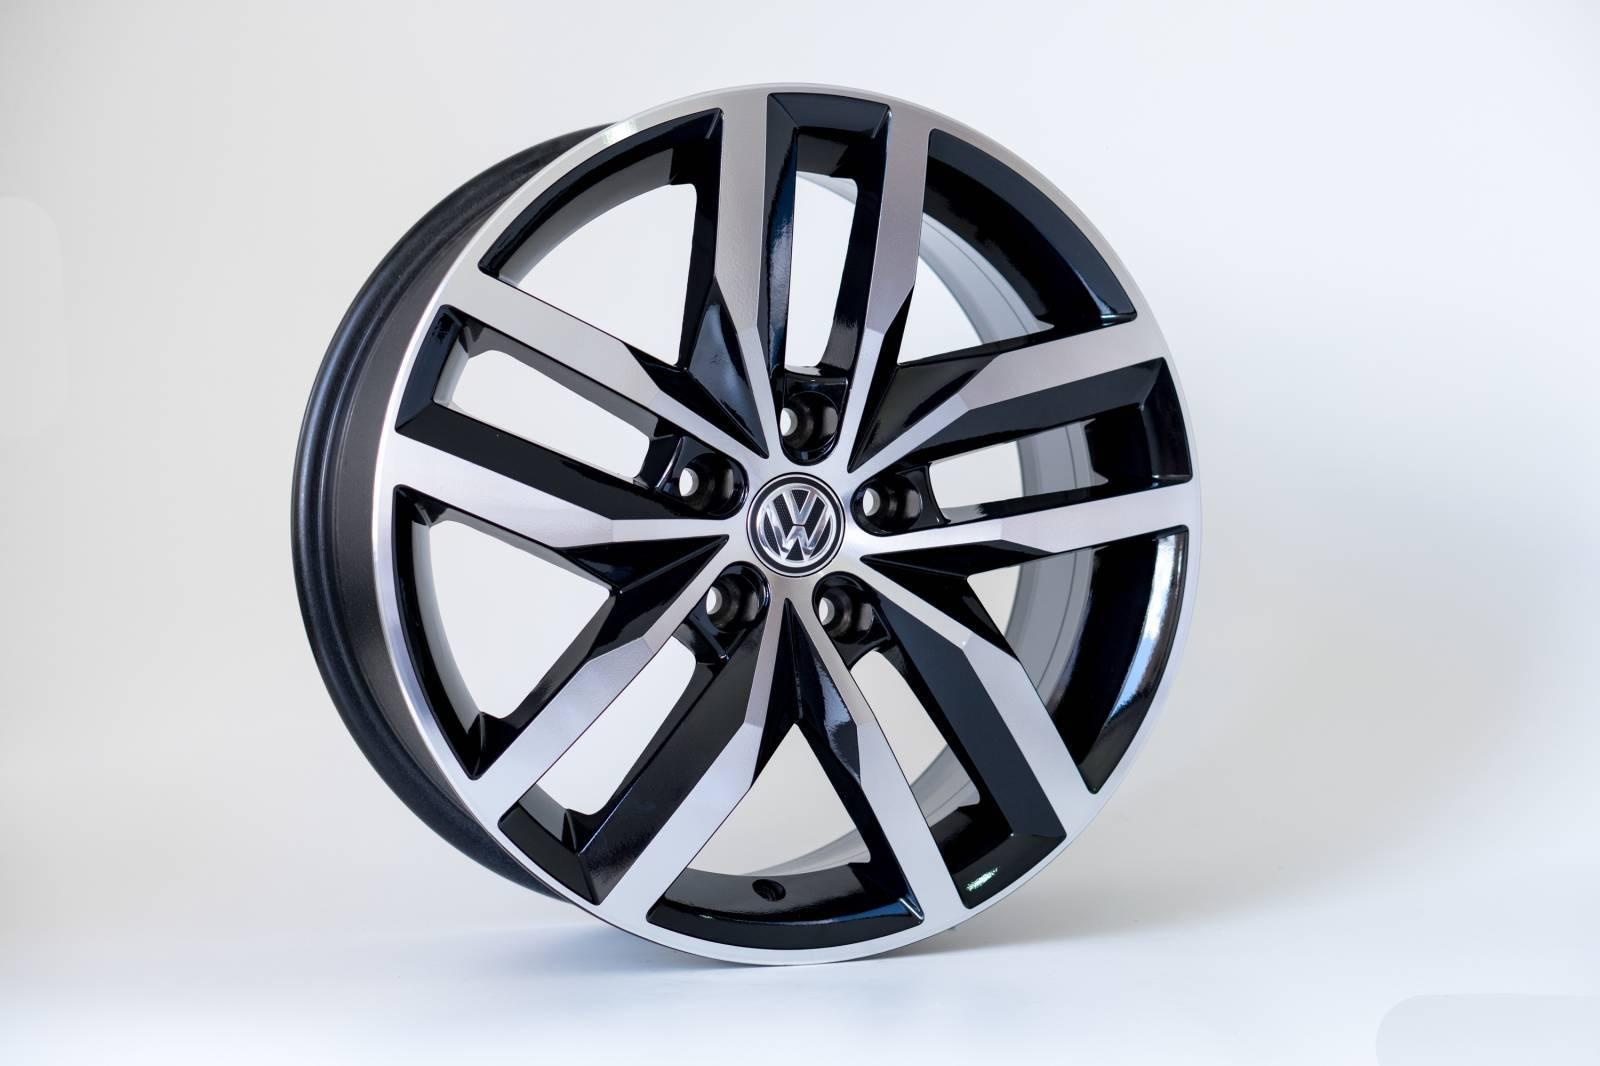 Jogo de 04 Rodas VW Golf Highline KR R46 aro 17 5x112 BD